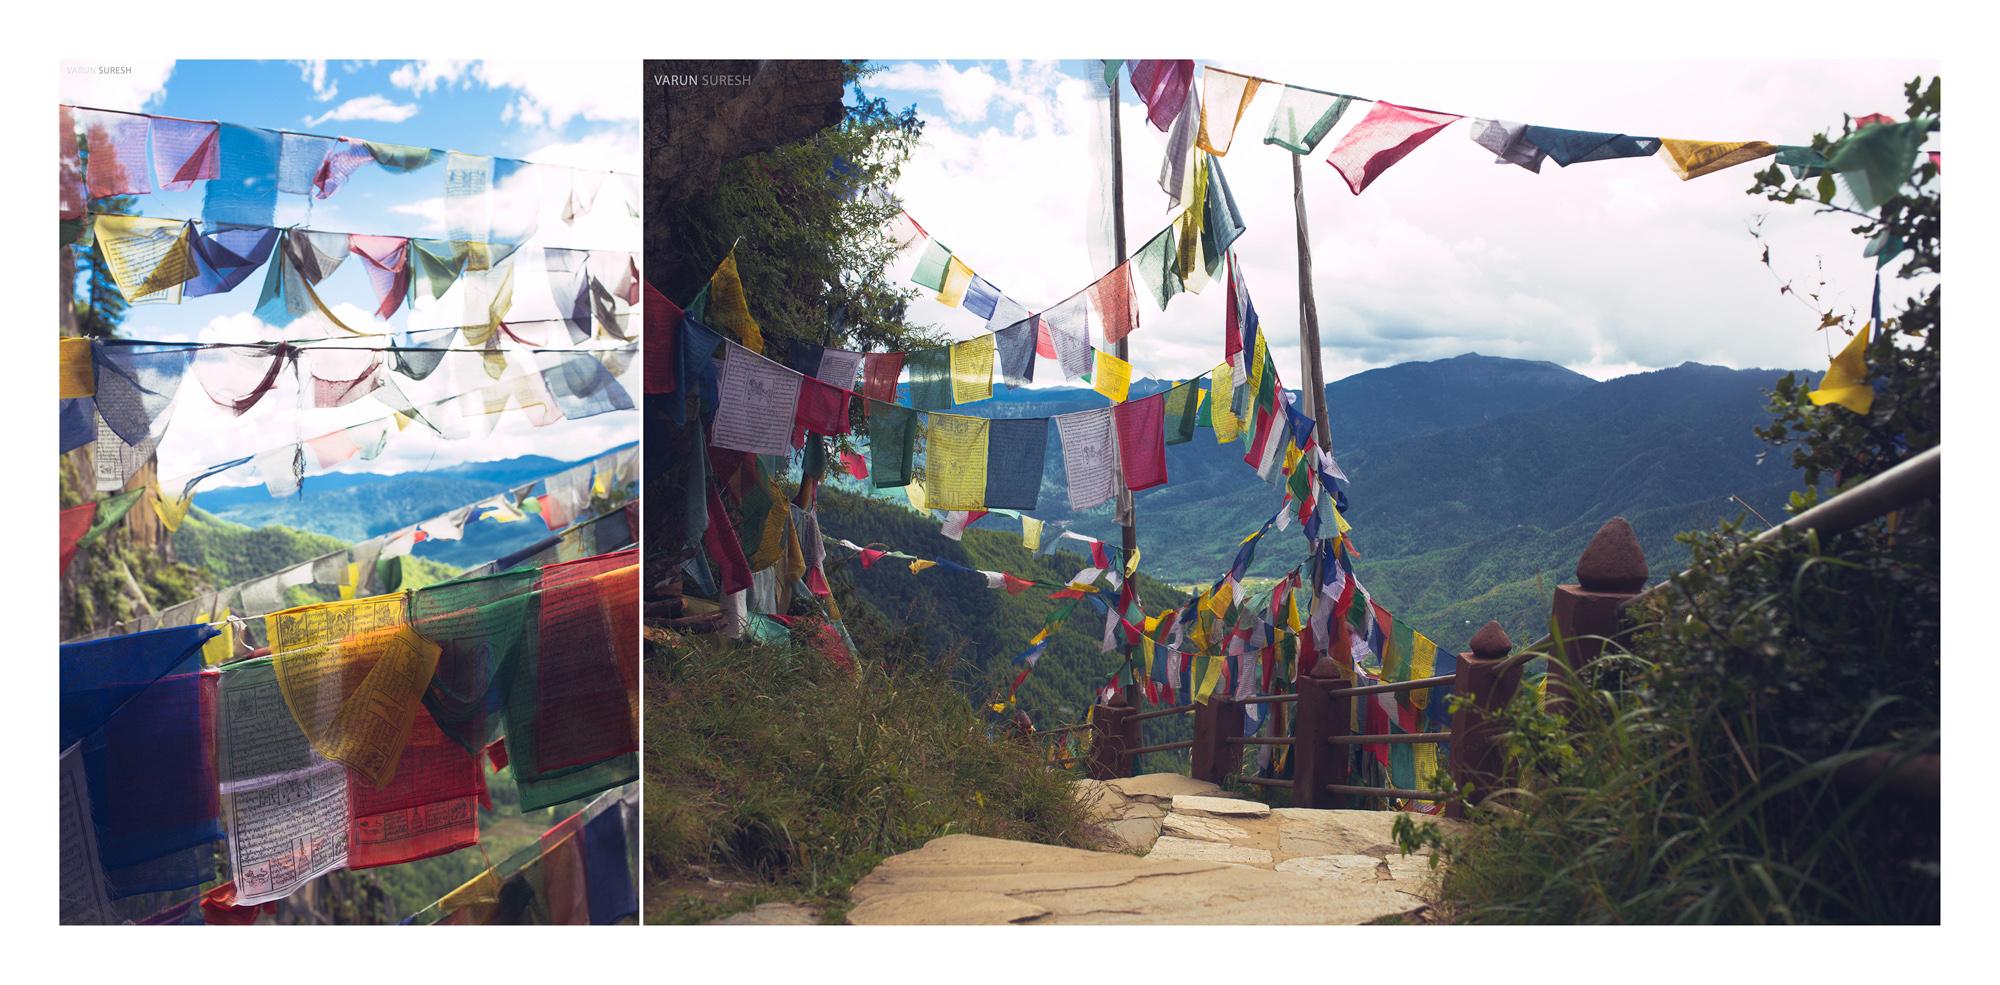 Bhutan_176 copy.jpg